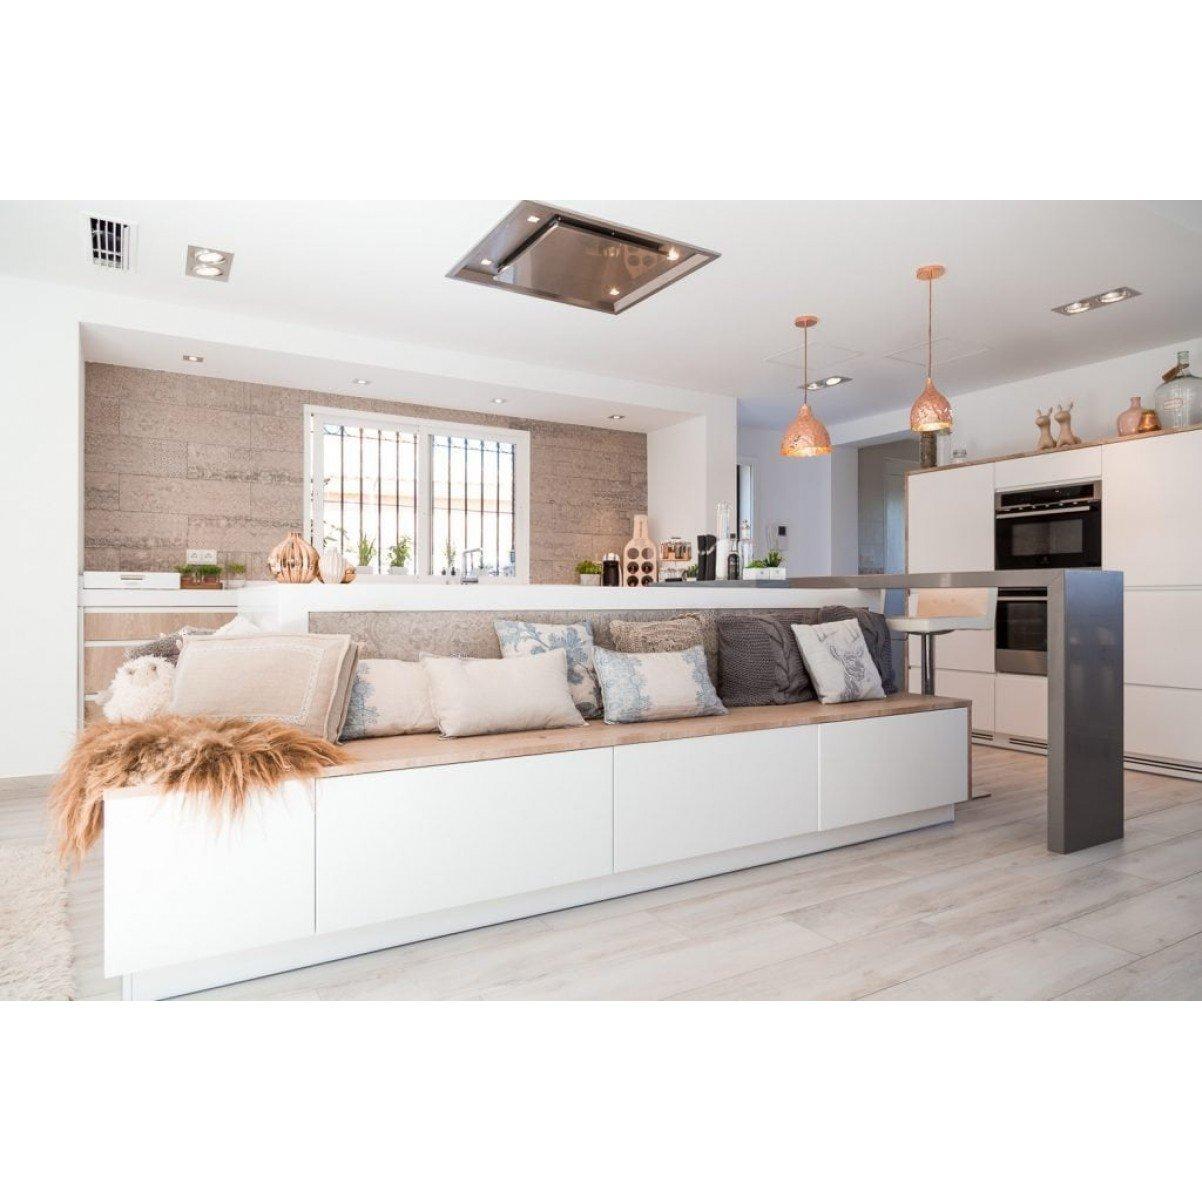 Premium line tak integrerad köksfläkt Swedluxury Delta rostfritt stål 90cm x 80 cm